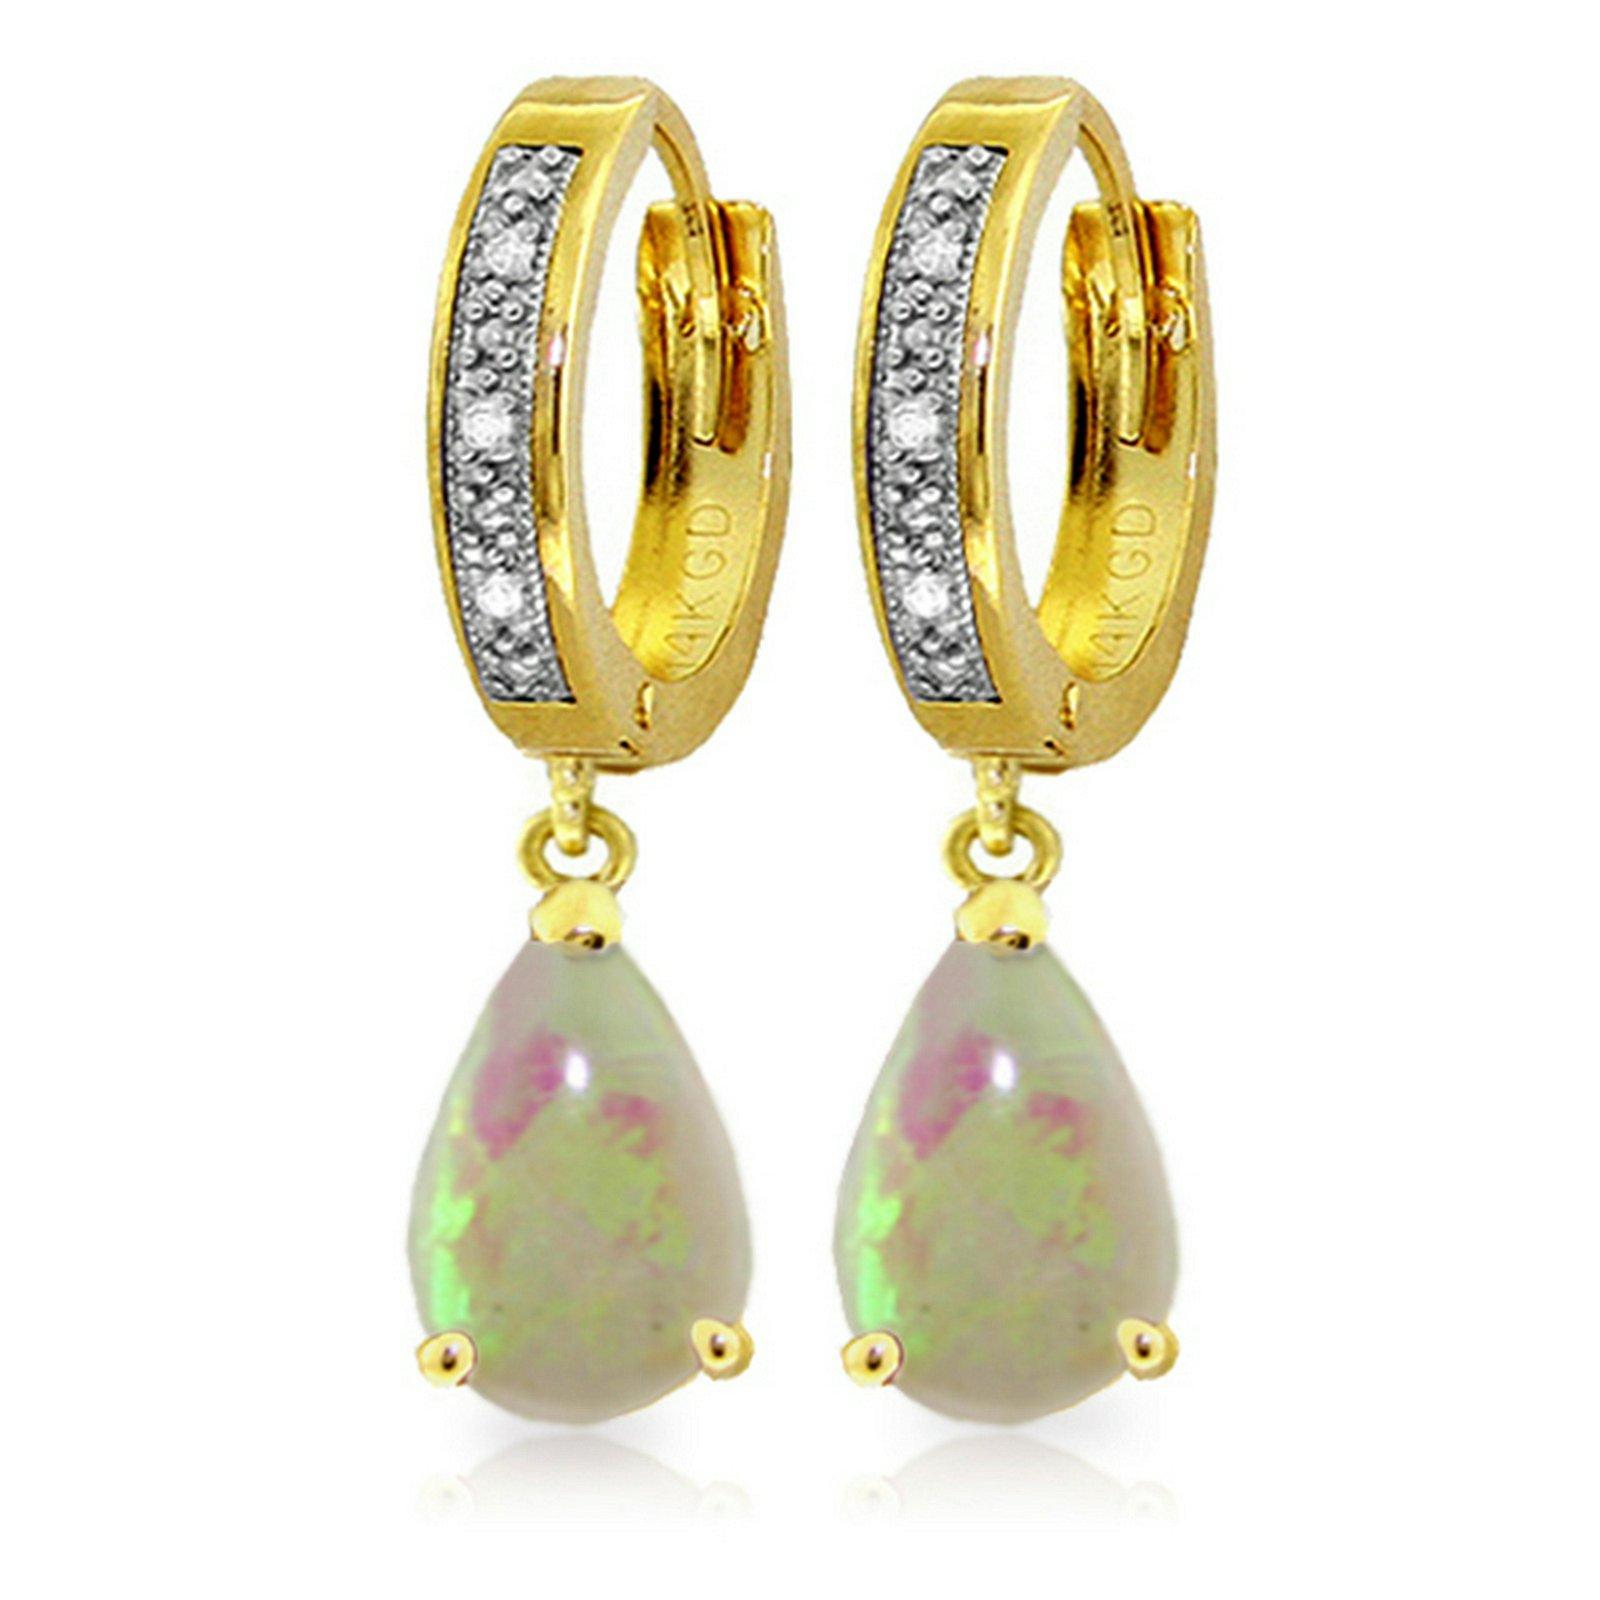 Genuine 1.58 ctw Opal & Diamond Earrings Jewelry 14KT